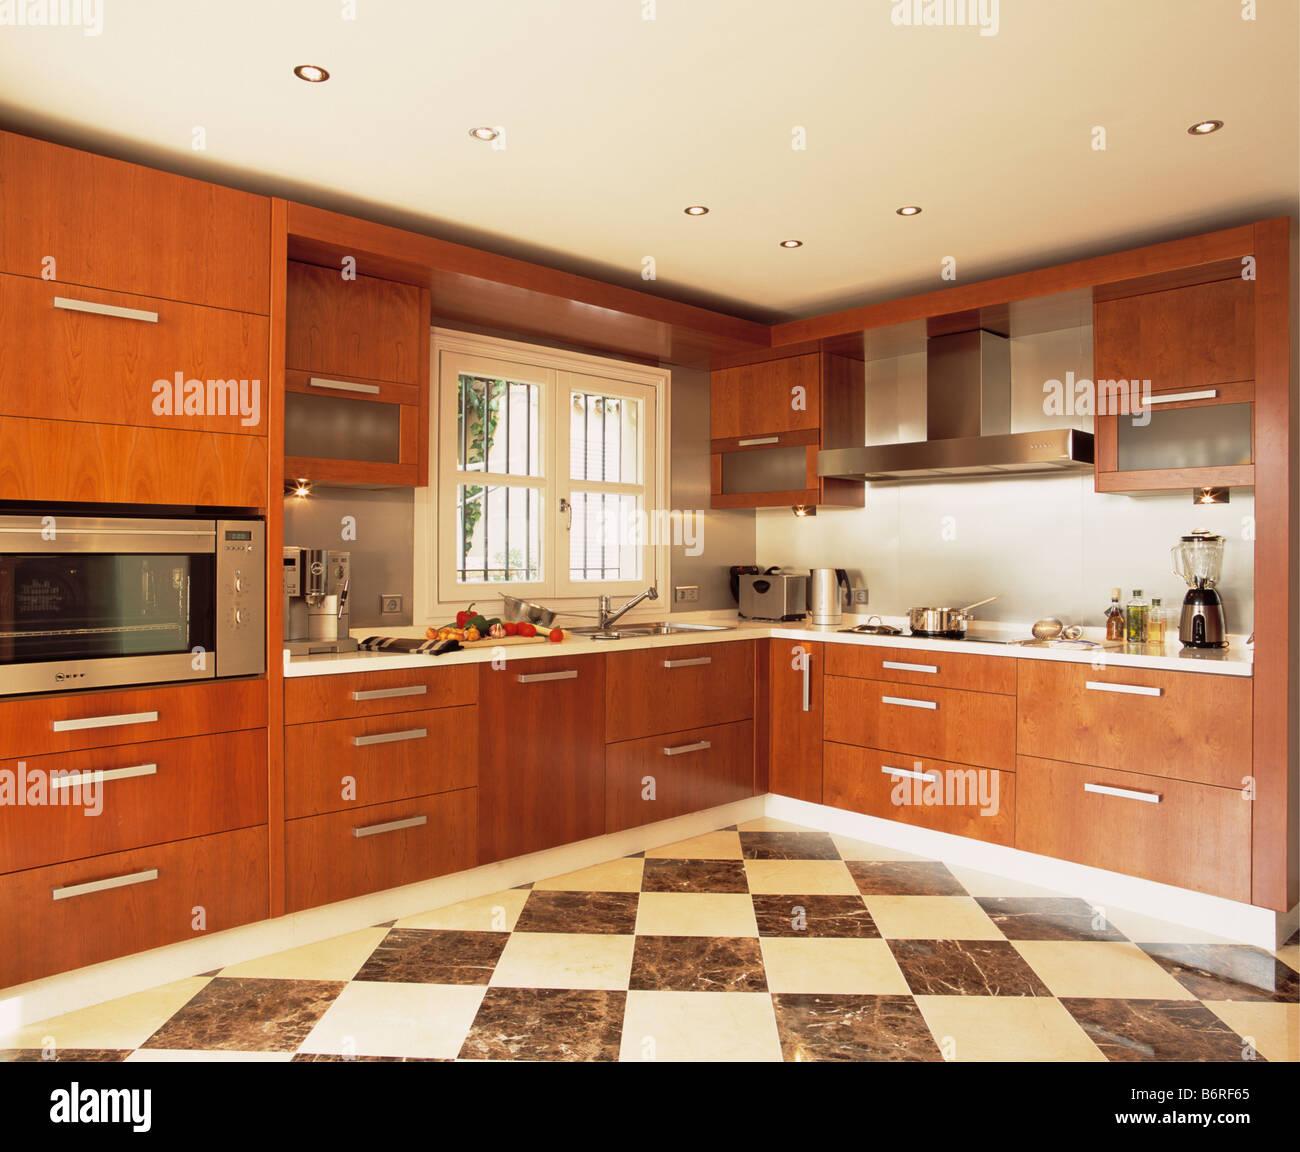 Cucina Bianca E Ciliegio bianco e nero chequerboard pavimentazione in cucina moderna